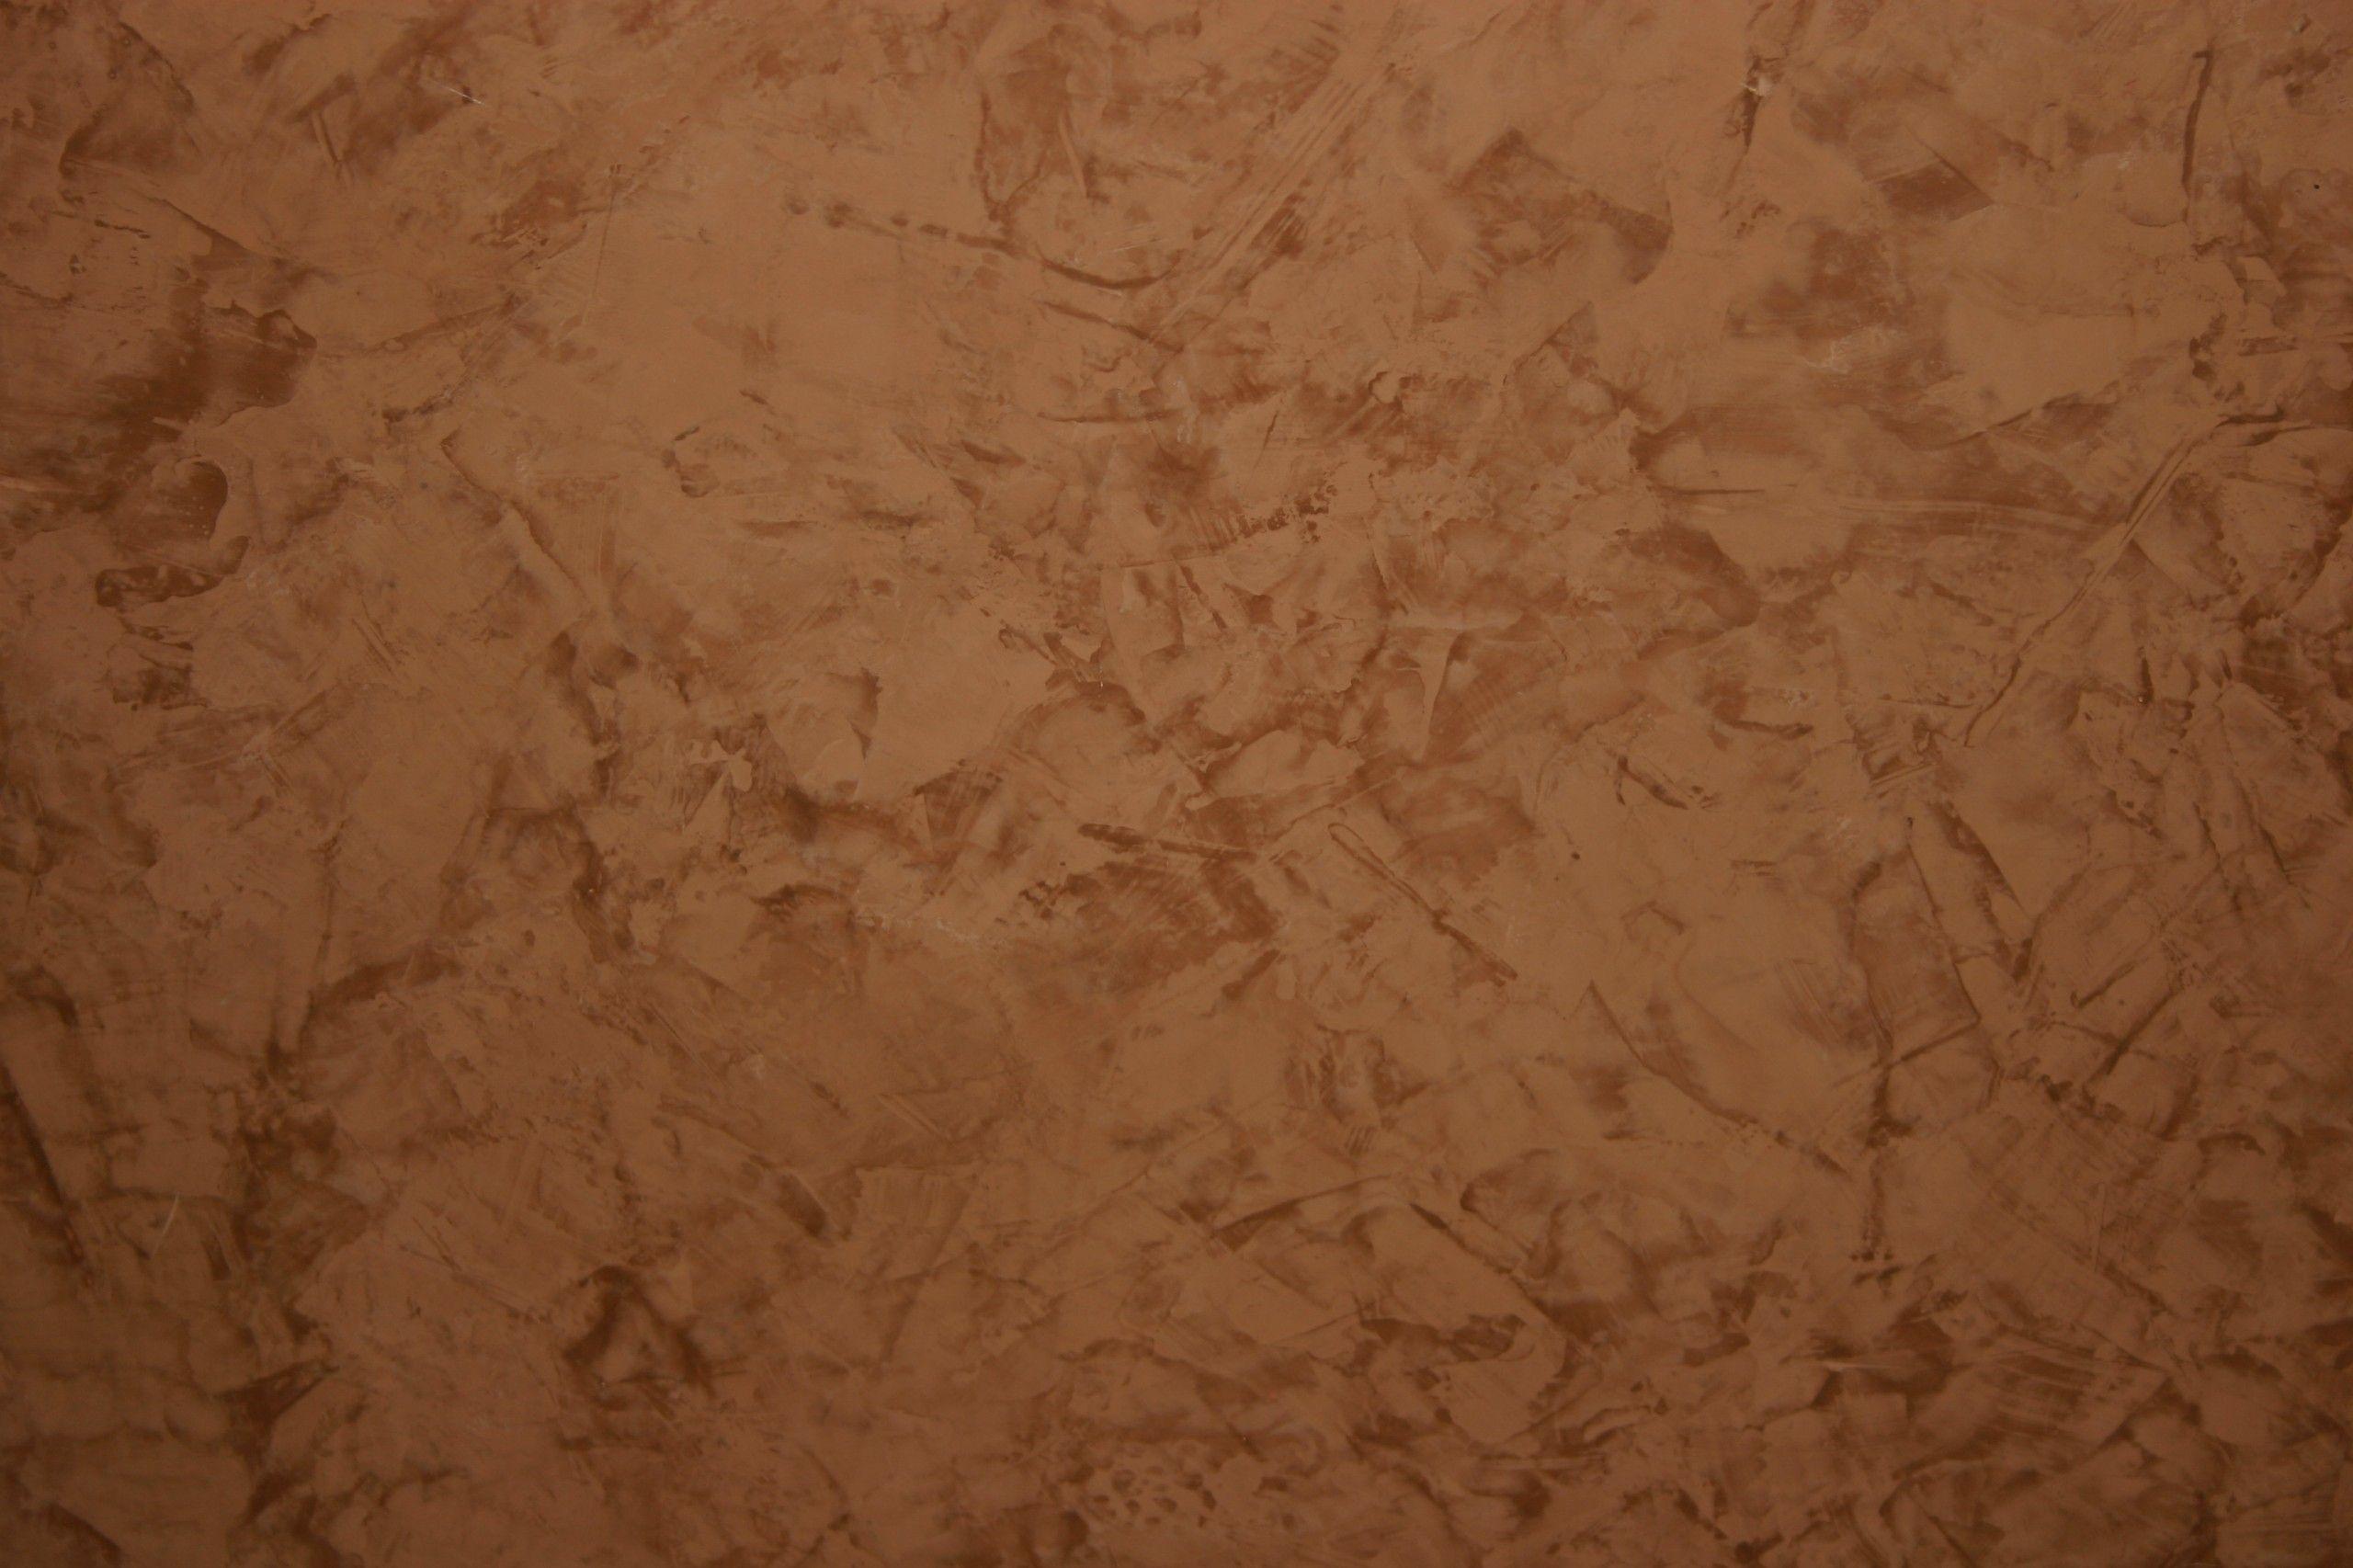 Venetian Plaster Over Textured Walls Venetian Plaster Texture Faux